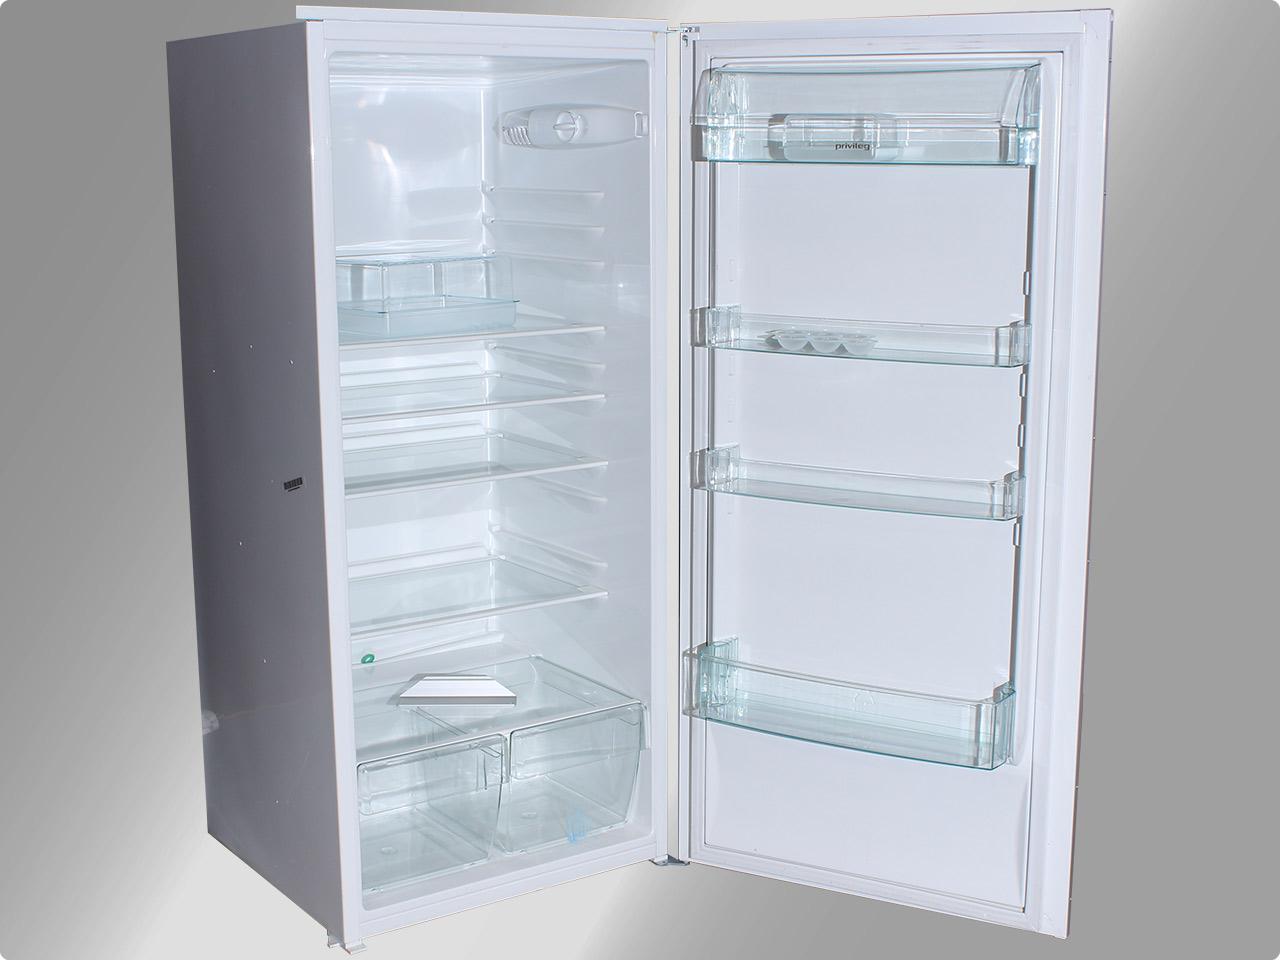 Fein Privileg Kühlschränke Ideen - Die besten Einrichtungsideen ...